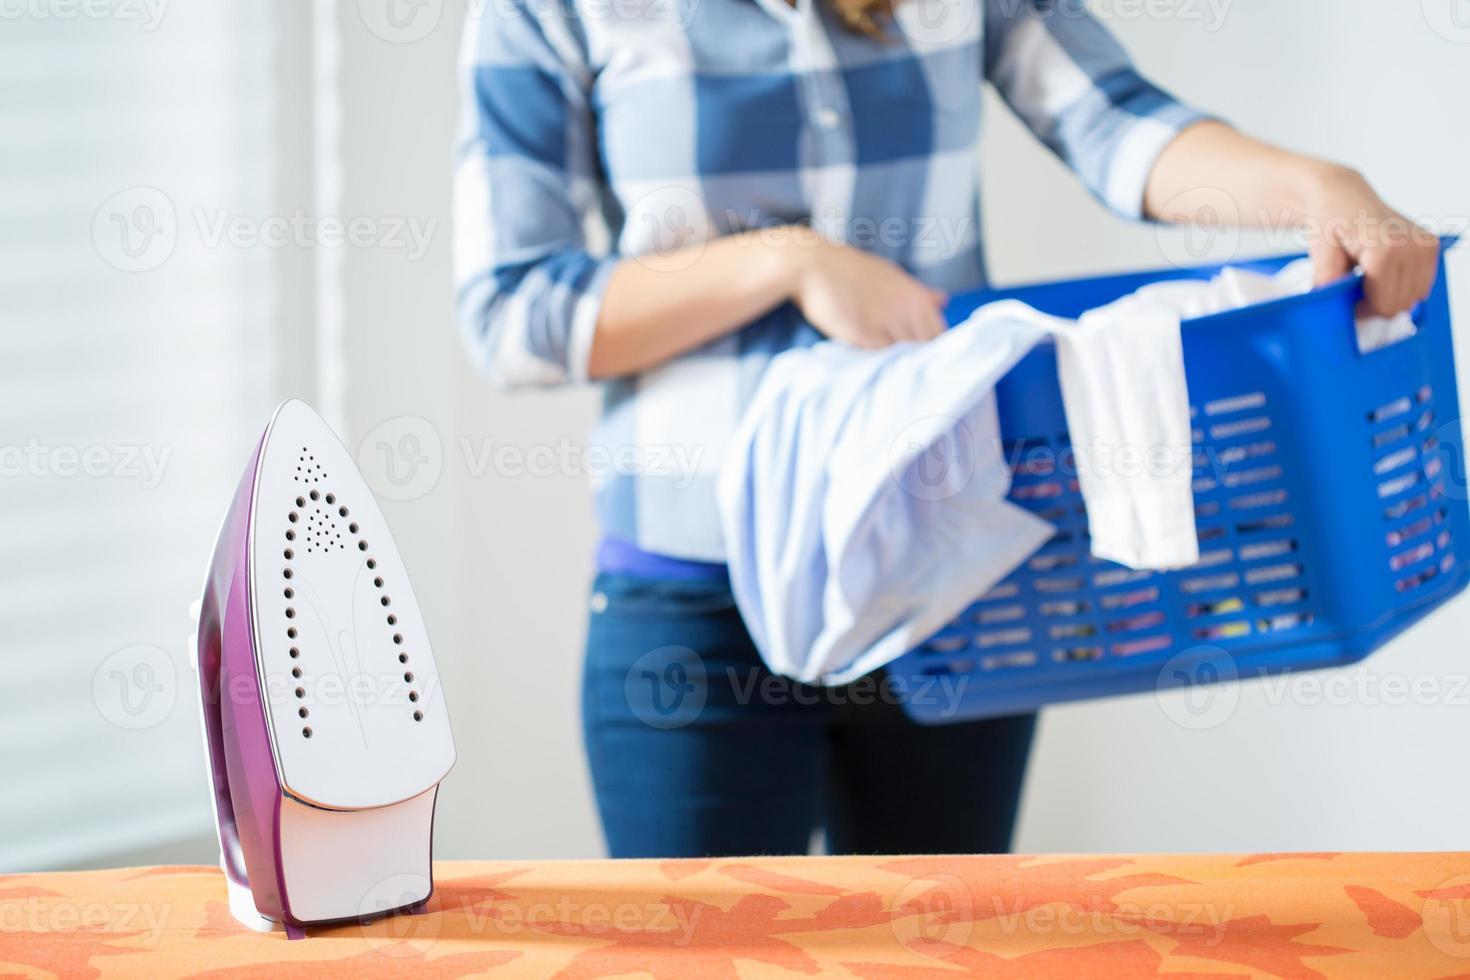 Wäsche bringen foto